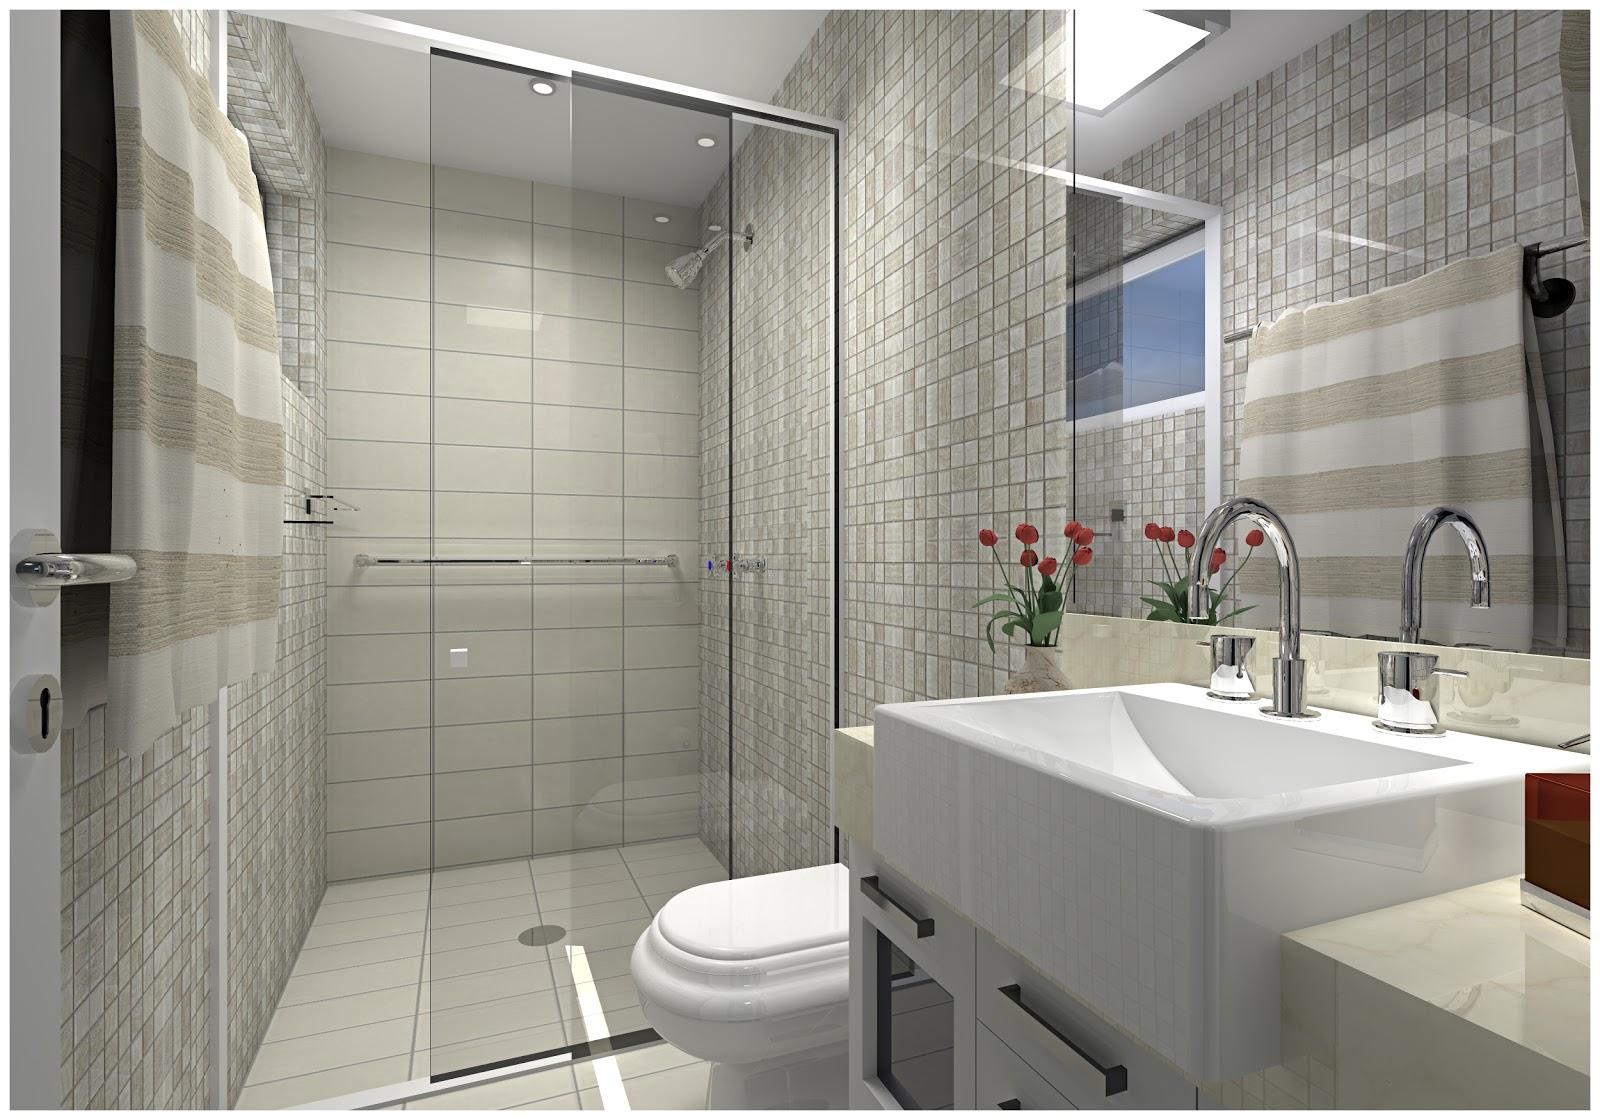 decoracao banheiro de pobre:19 Modelos para Decoração de Banheiro  #673A33 1600x1120 Banheiro Com Decoração